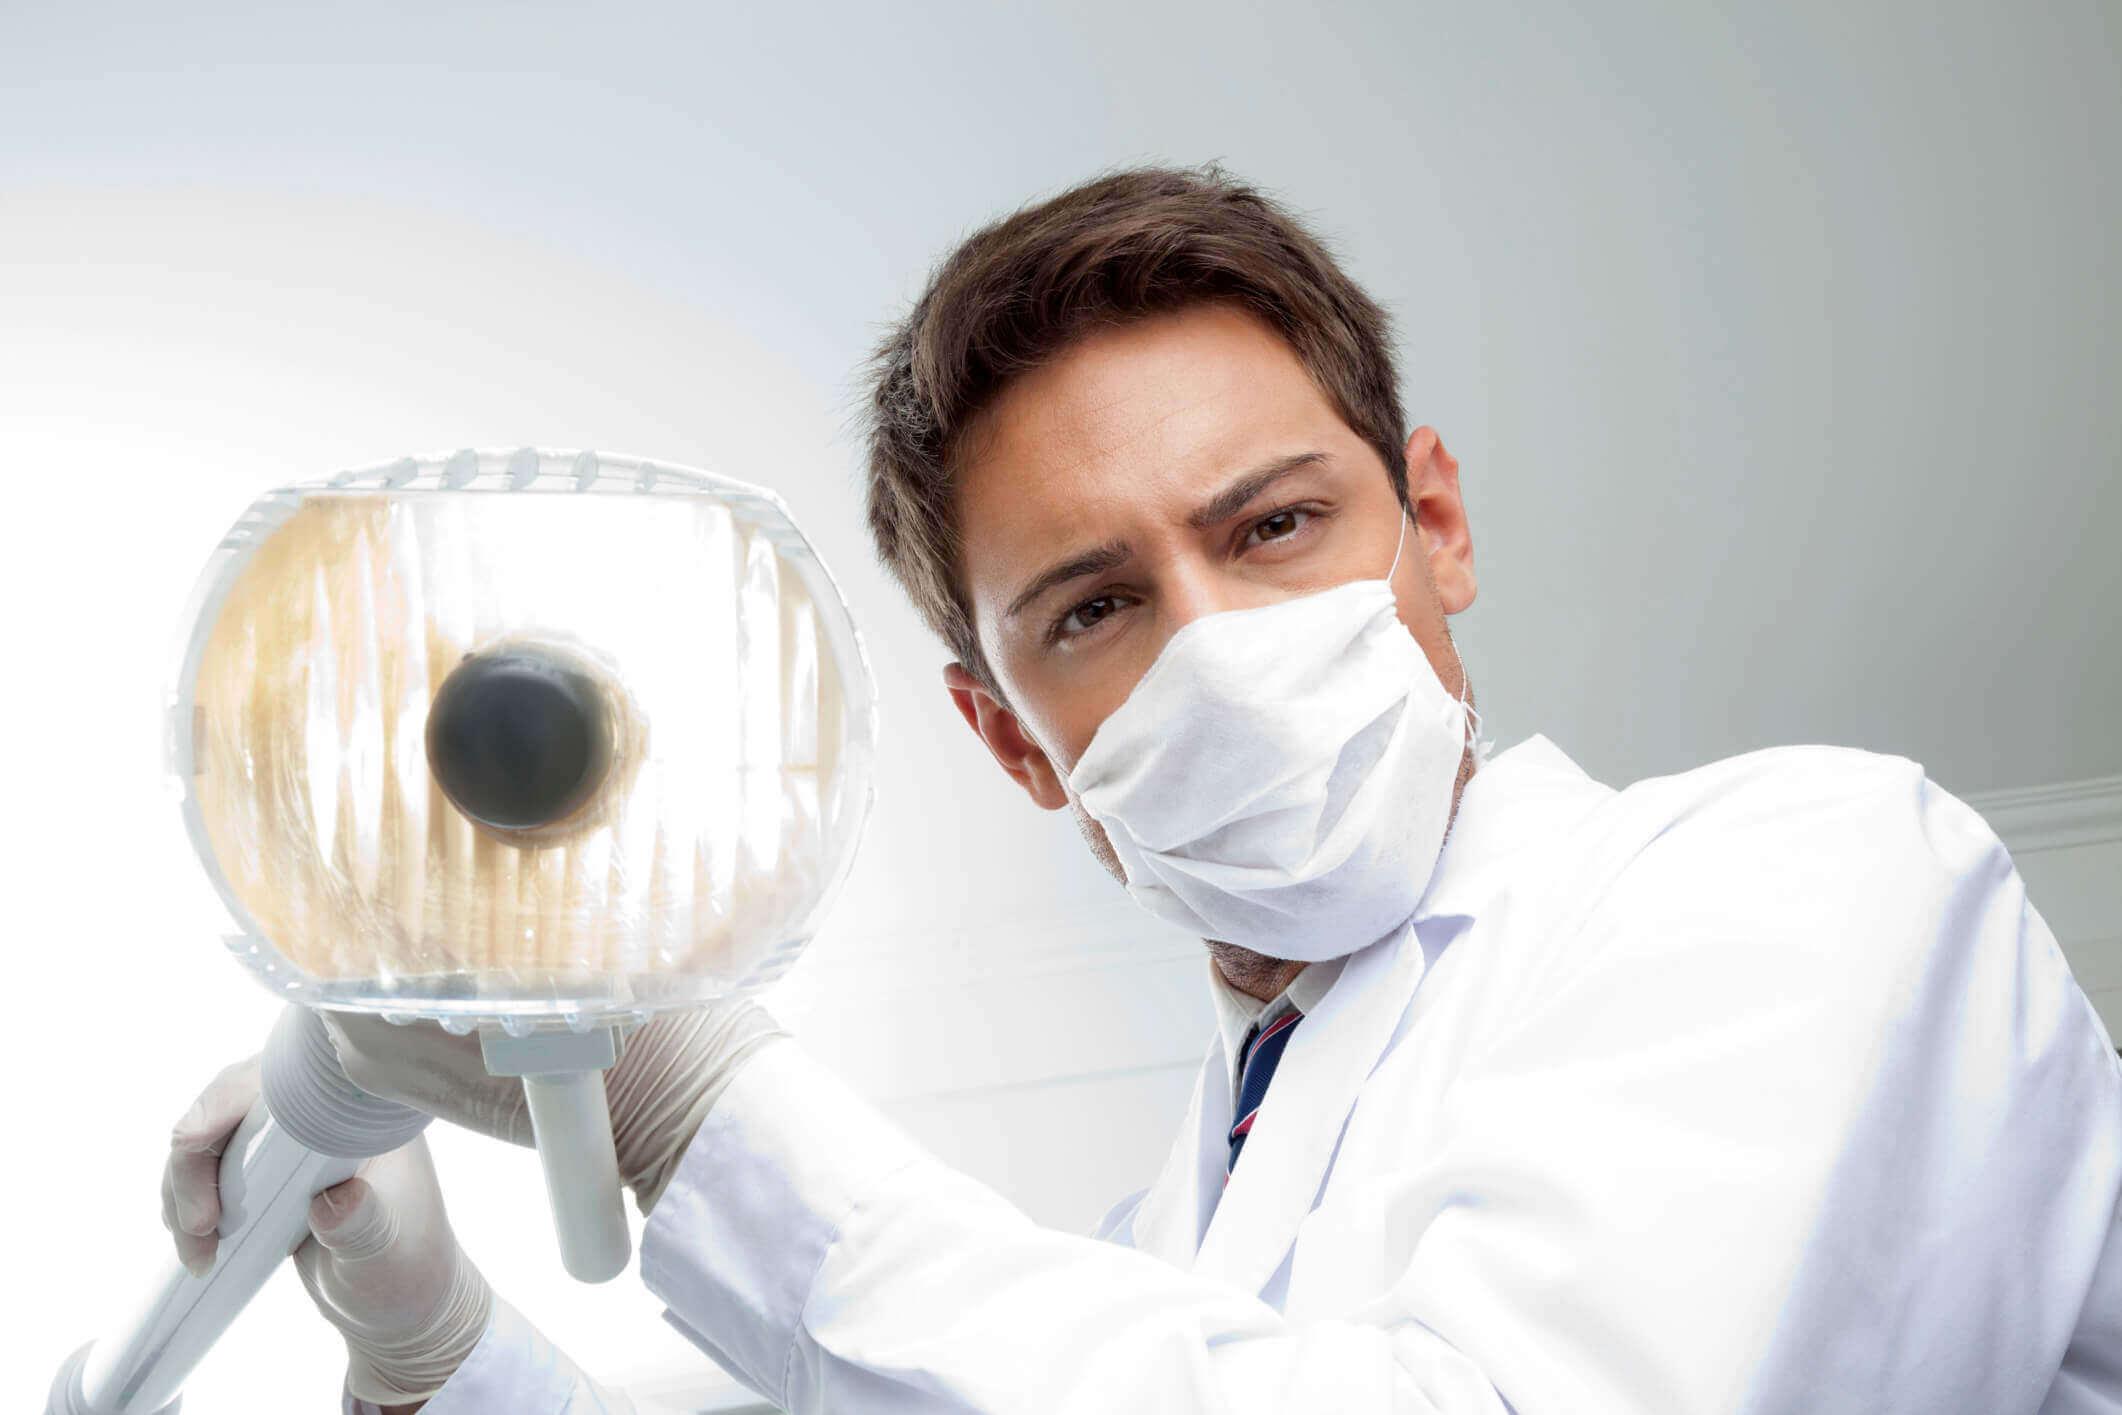 Інфекції Венсана. Гінгівіт як одна з найбільш поширених інфекцій порожнини рота